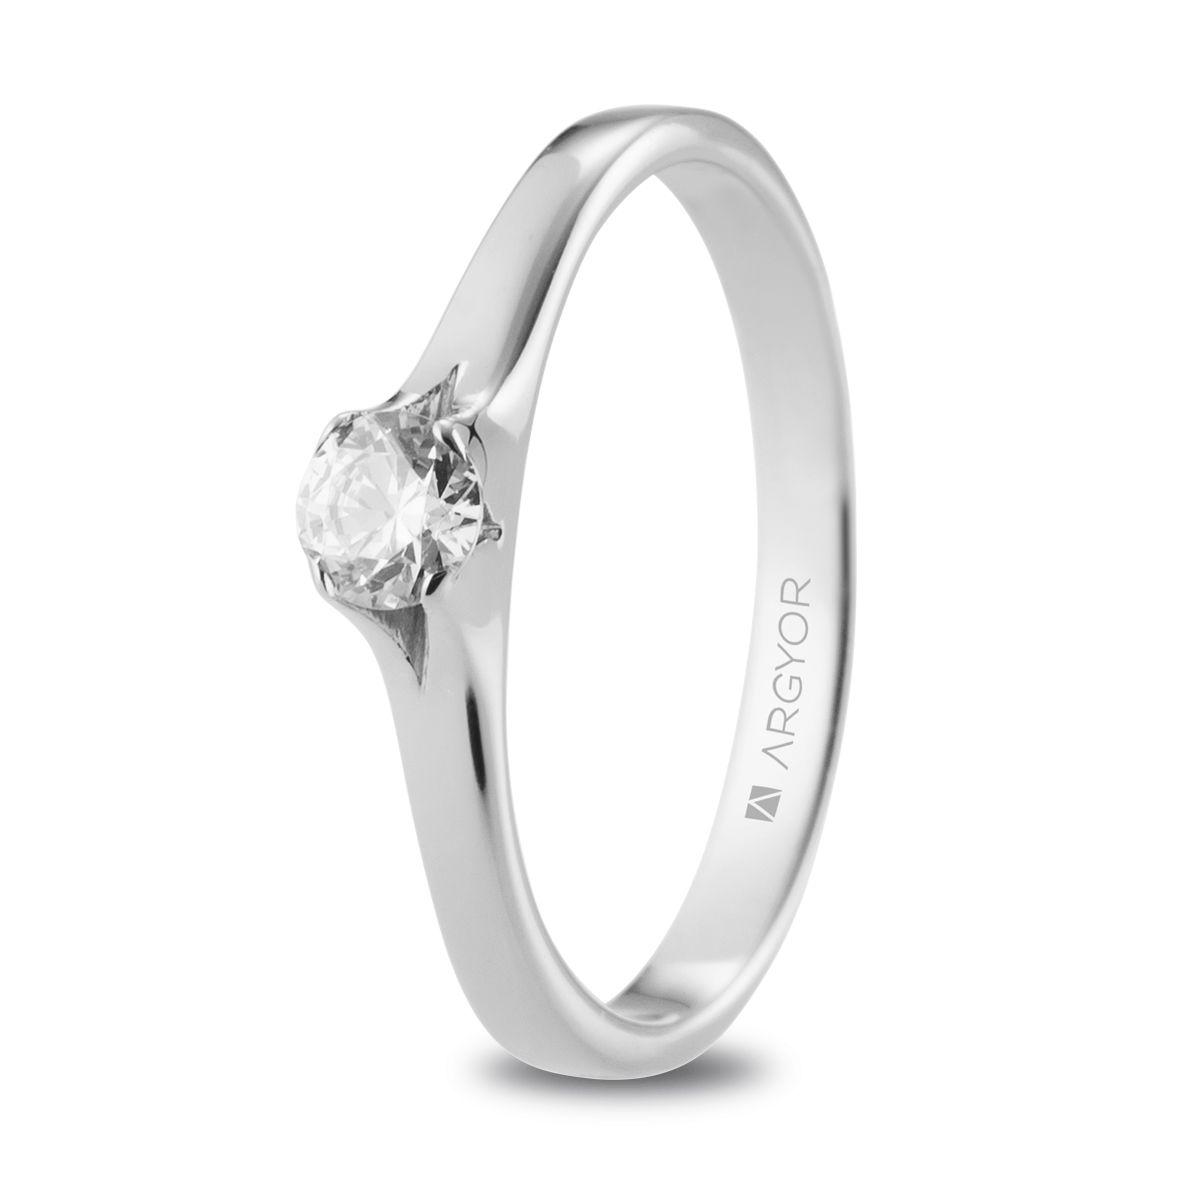 790dcbfd8f7f Anillo de compromiso Argyor o. blanco 1 diamante 0.25ct. Sortija con un  diamante